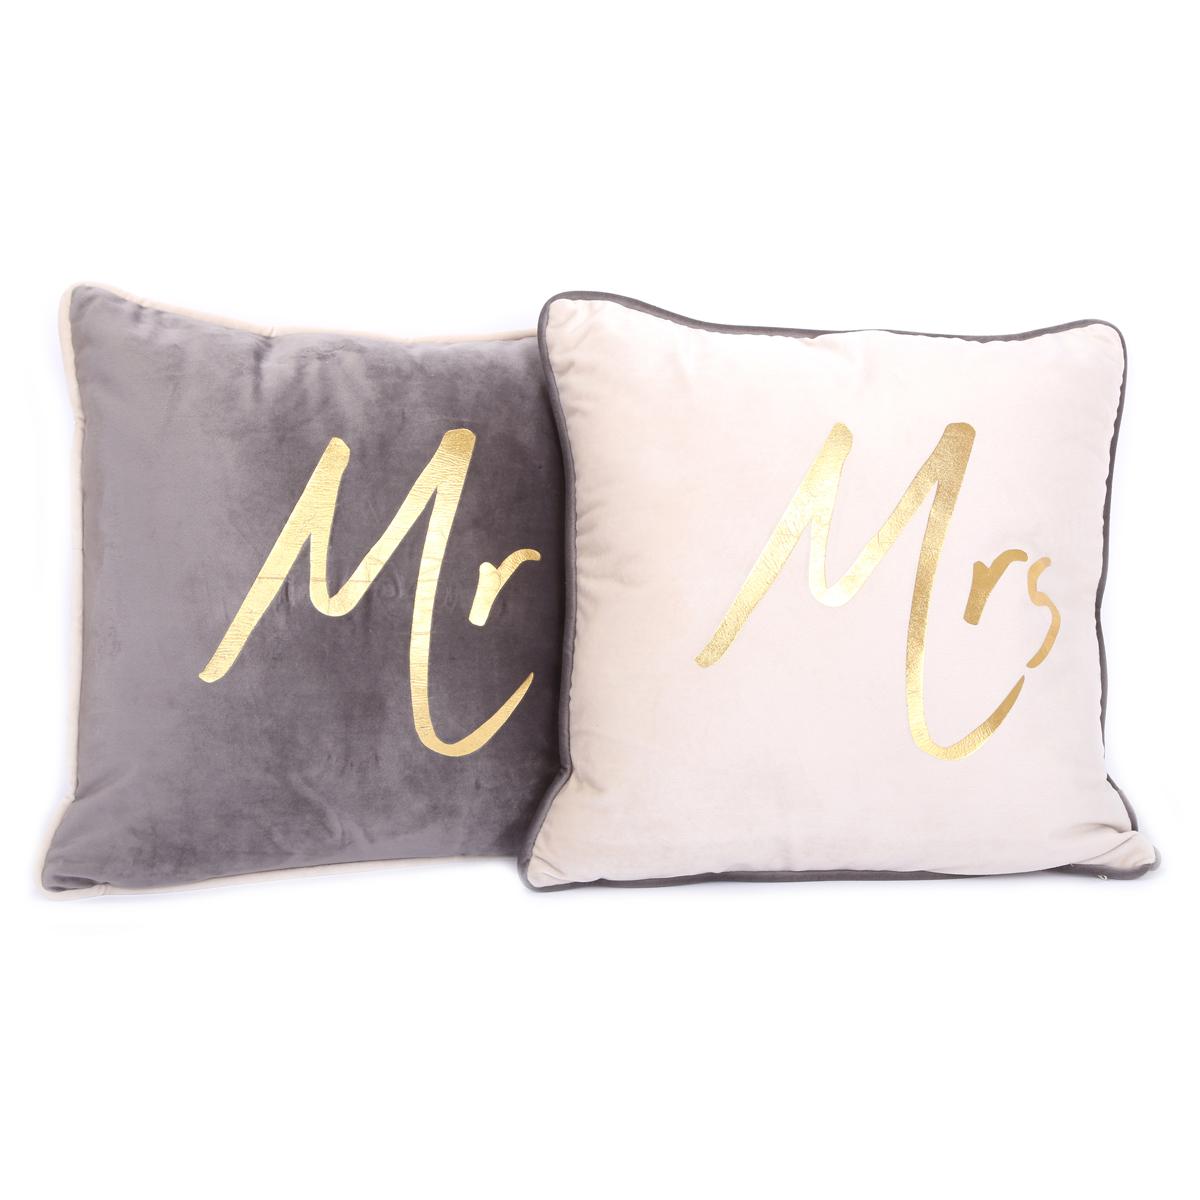 2 coussins velours \'Mr & Mrs\' gris beige - 40x40 cm - [A2919]